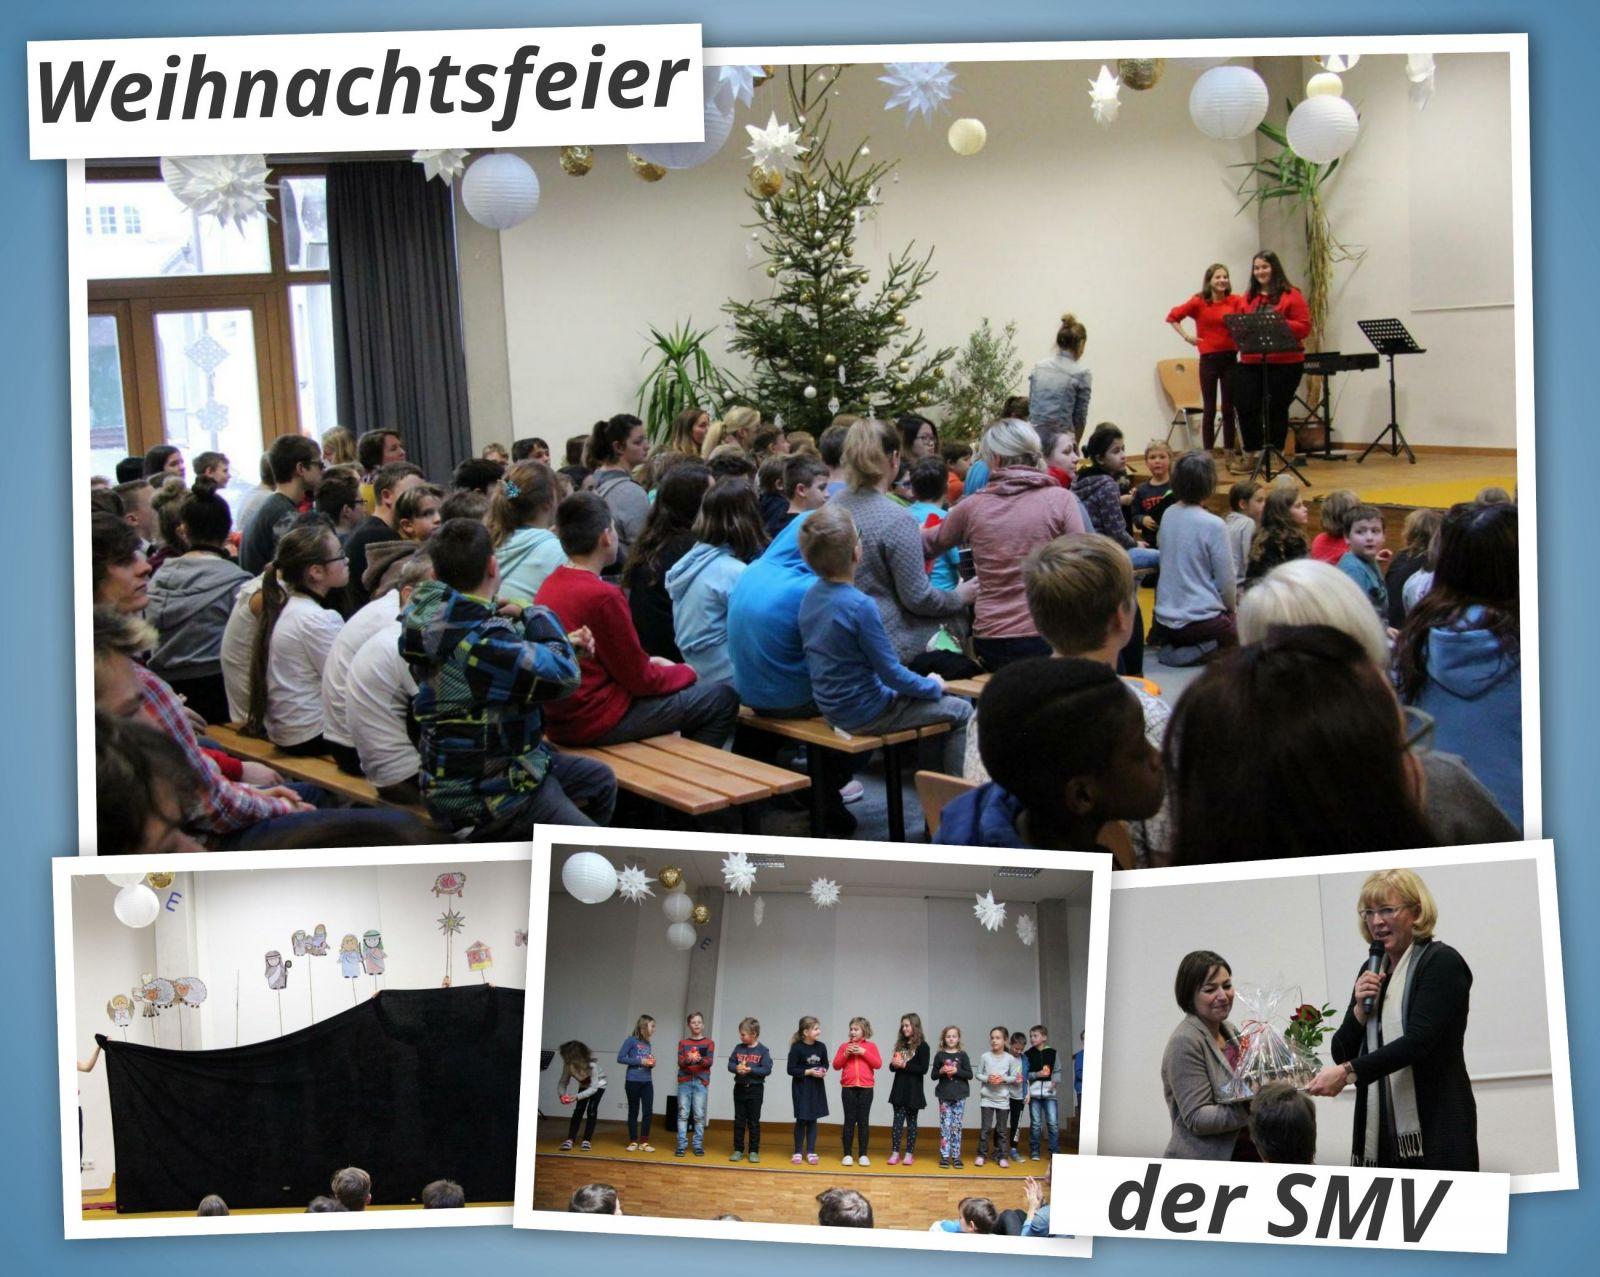 Verhaltensregeln Weihnachtsfeier Lustig.Aktuelles Josef Landes Schule Sonderpädagogisches Förderzentrum